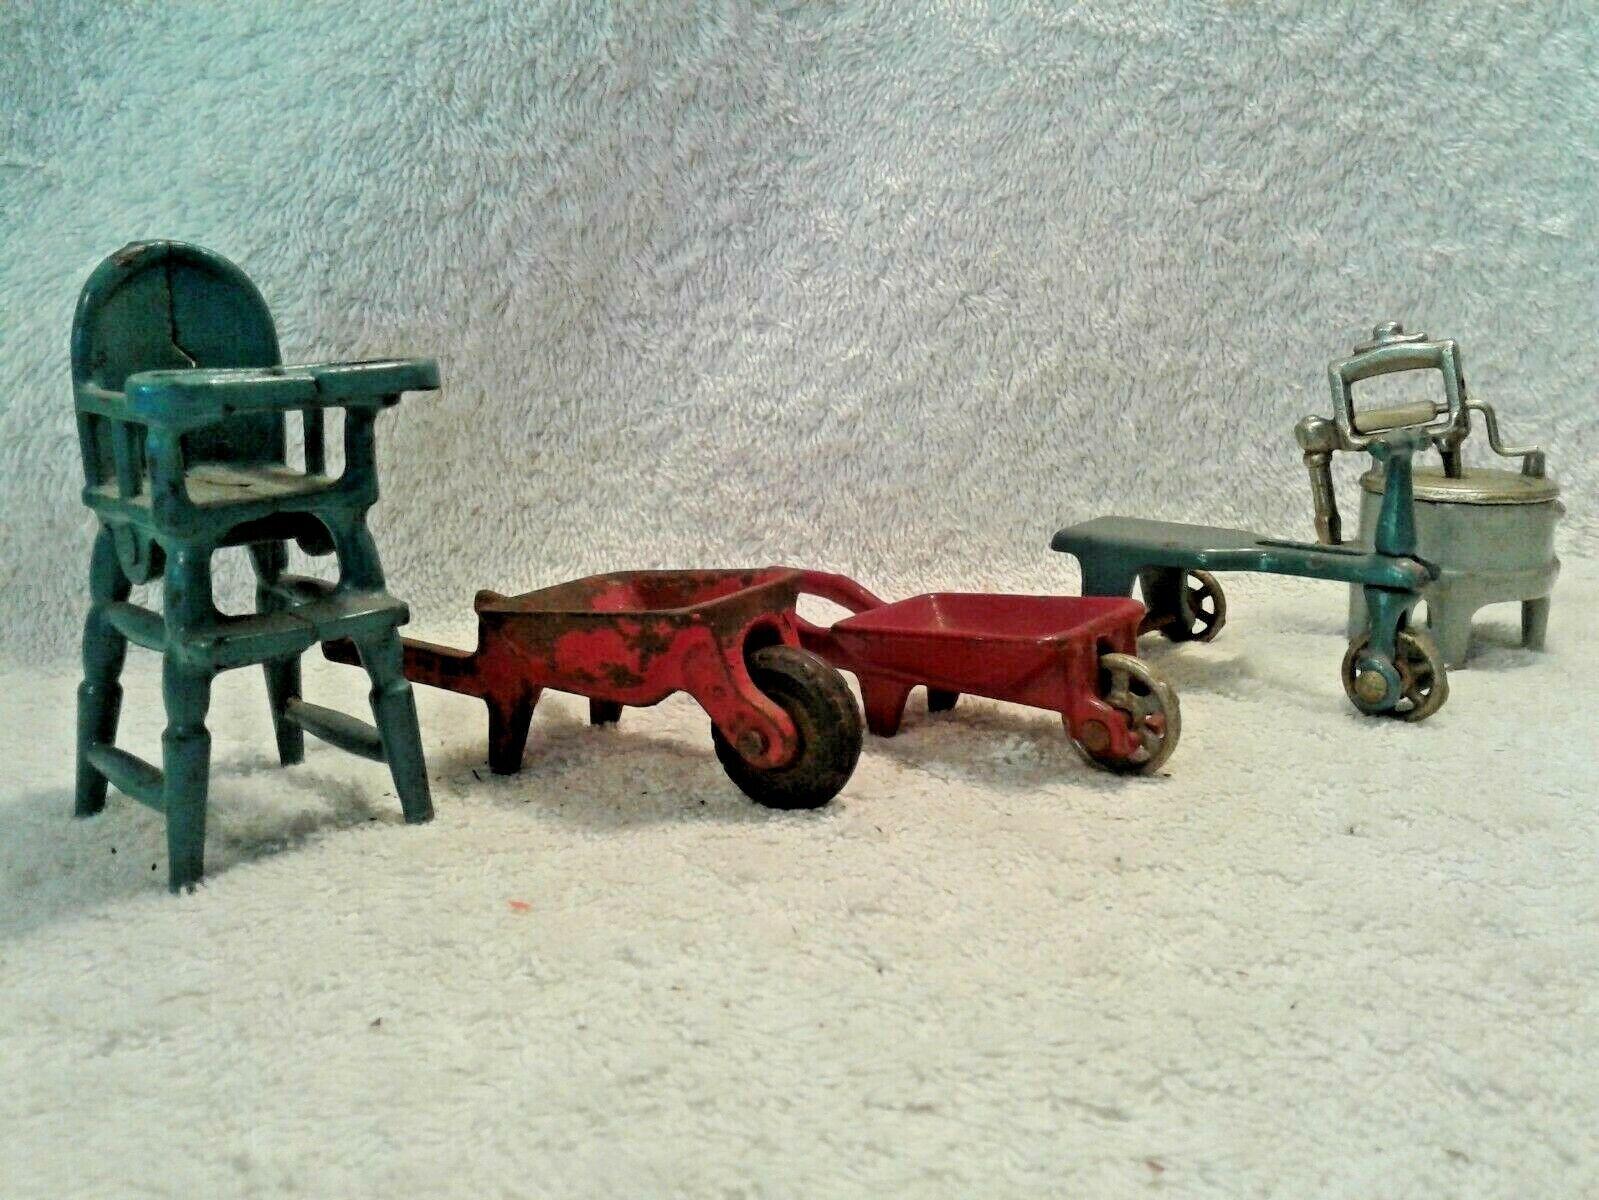 Lot of 5 Arcade and Kilgore Cast Iron Dollhouse Toys High Chair Wheel Barrows